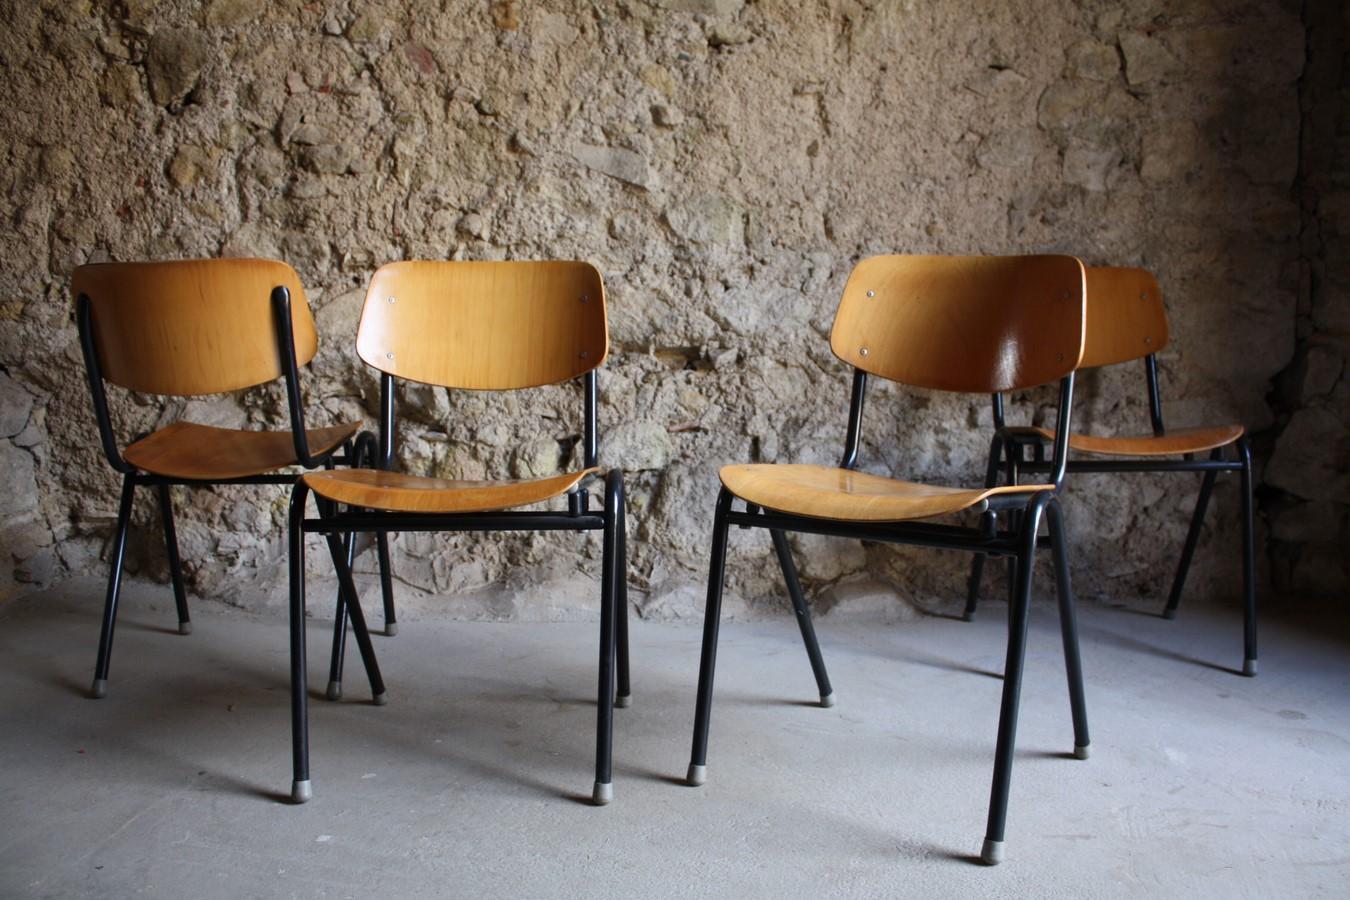 Kantinenstühle Werkstattstühle1 Schulstühle V Kantinenstühle Schulstühle V 30 30 Werkstattstühle1 m8n0OvwN